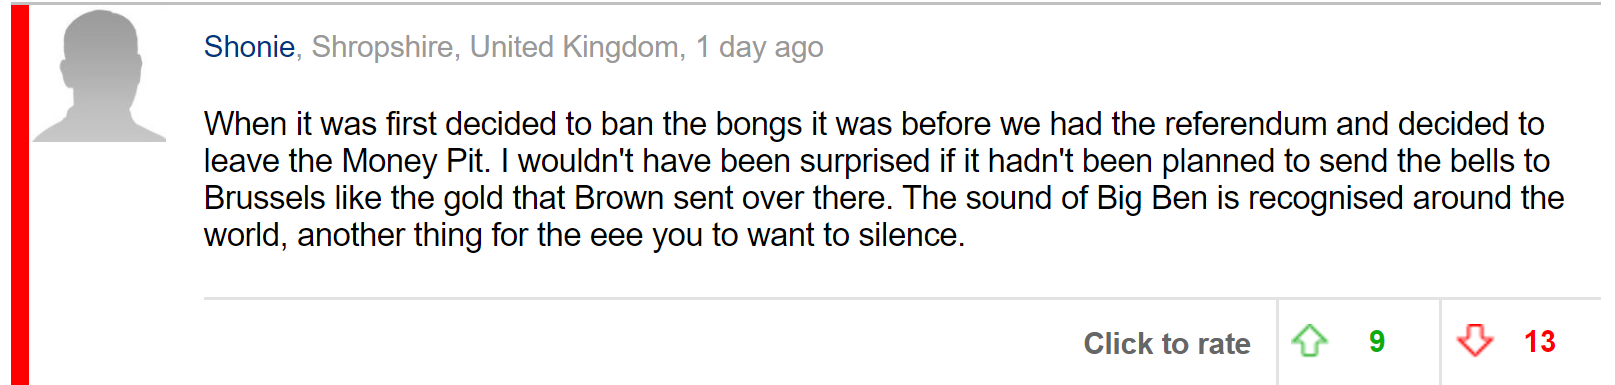 shonie comment.PNG